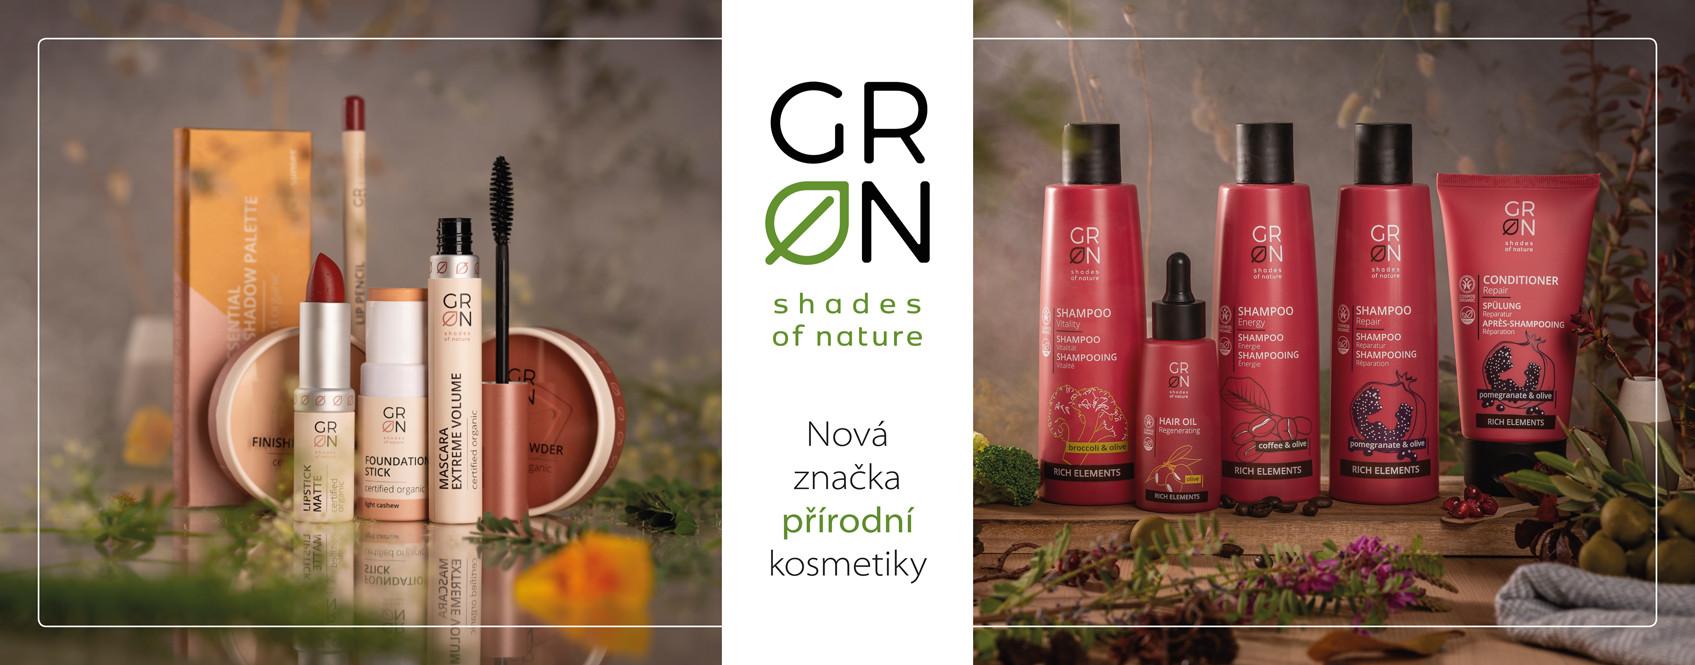 Nová značka přírodní kosmetiky GRN